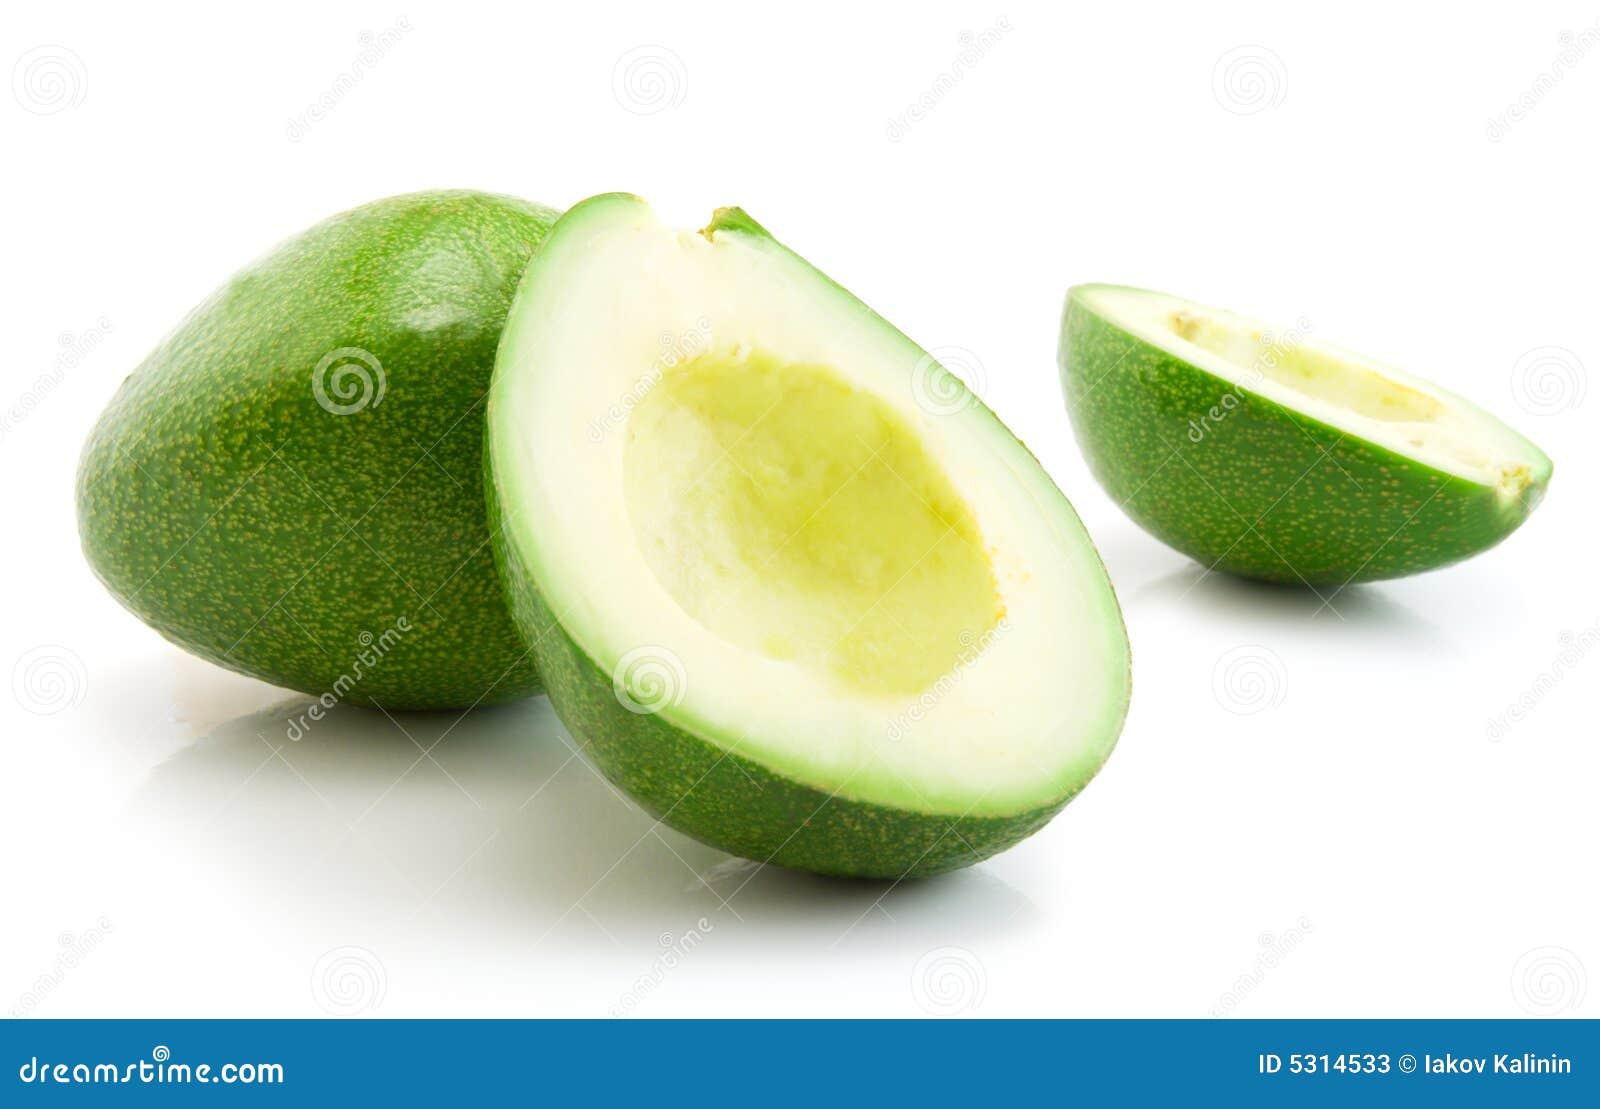 Download Avocado immagine stock. Immagine di background, fetta - 5314533